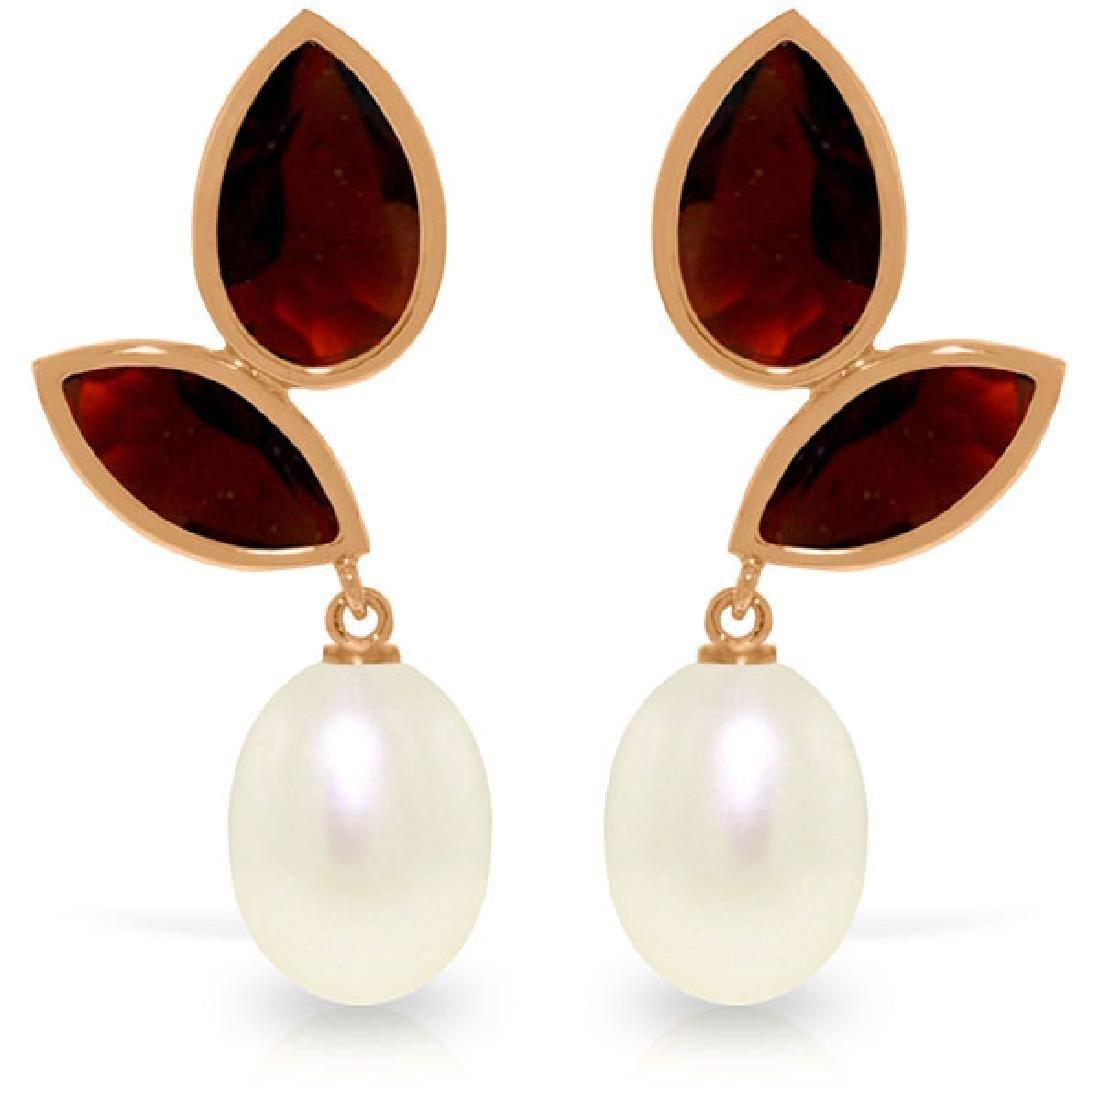 Genuine 16 ctw Pearl, Garnet & Garnet Earrings Jewelry